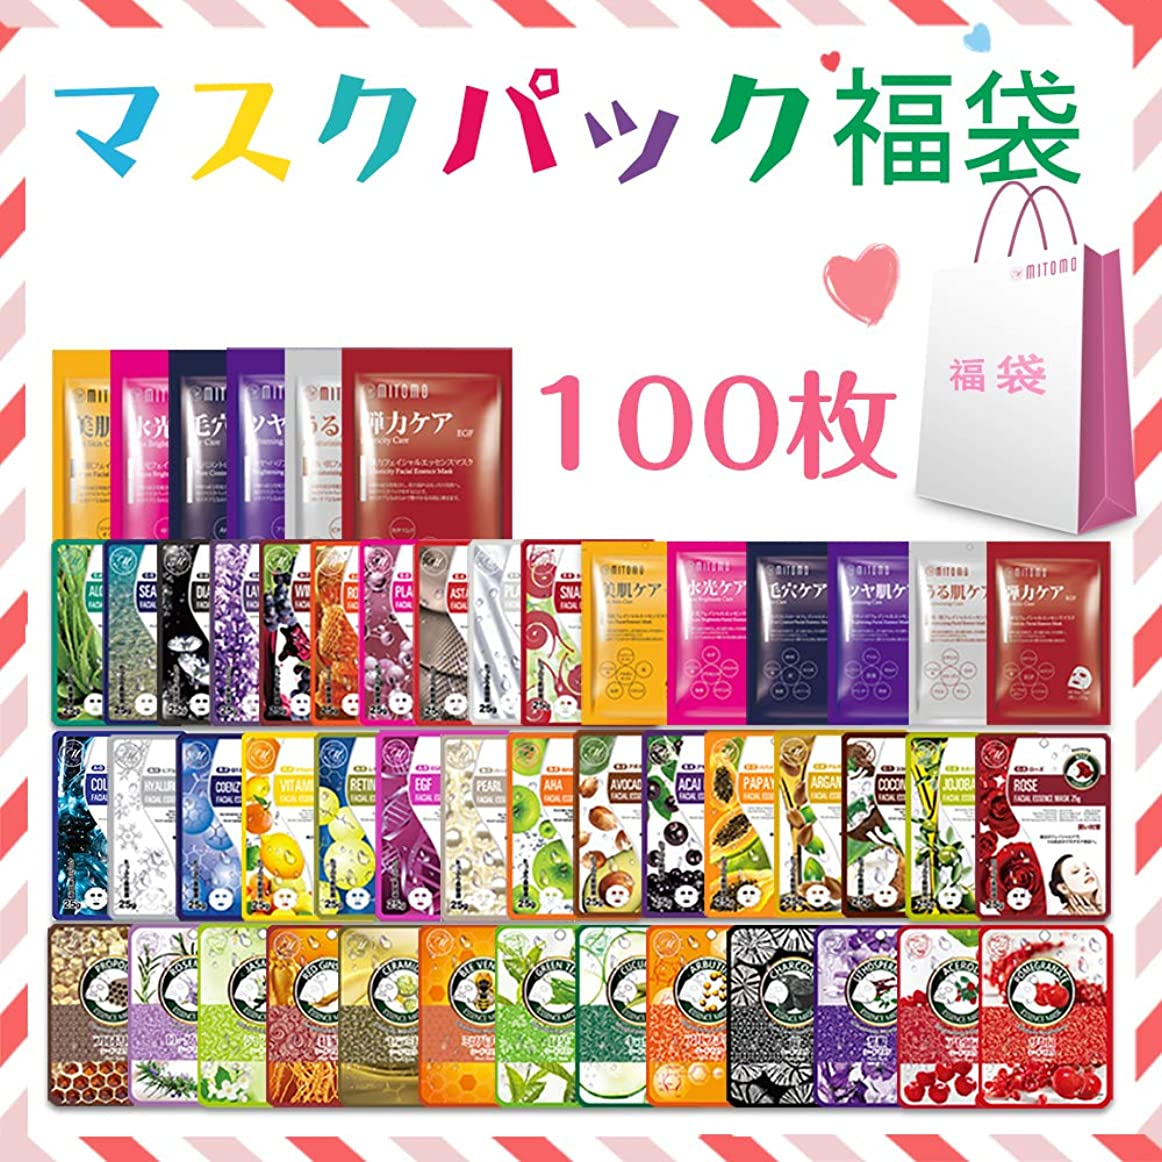 ミニ改修ハブ【LBKL000100】シートマスク/100枚/美容液/マスクパック/送料無料